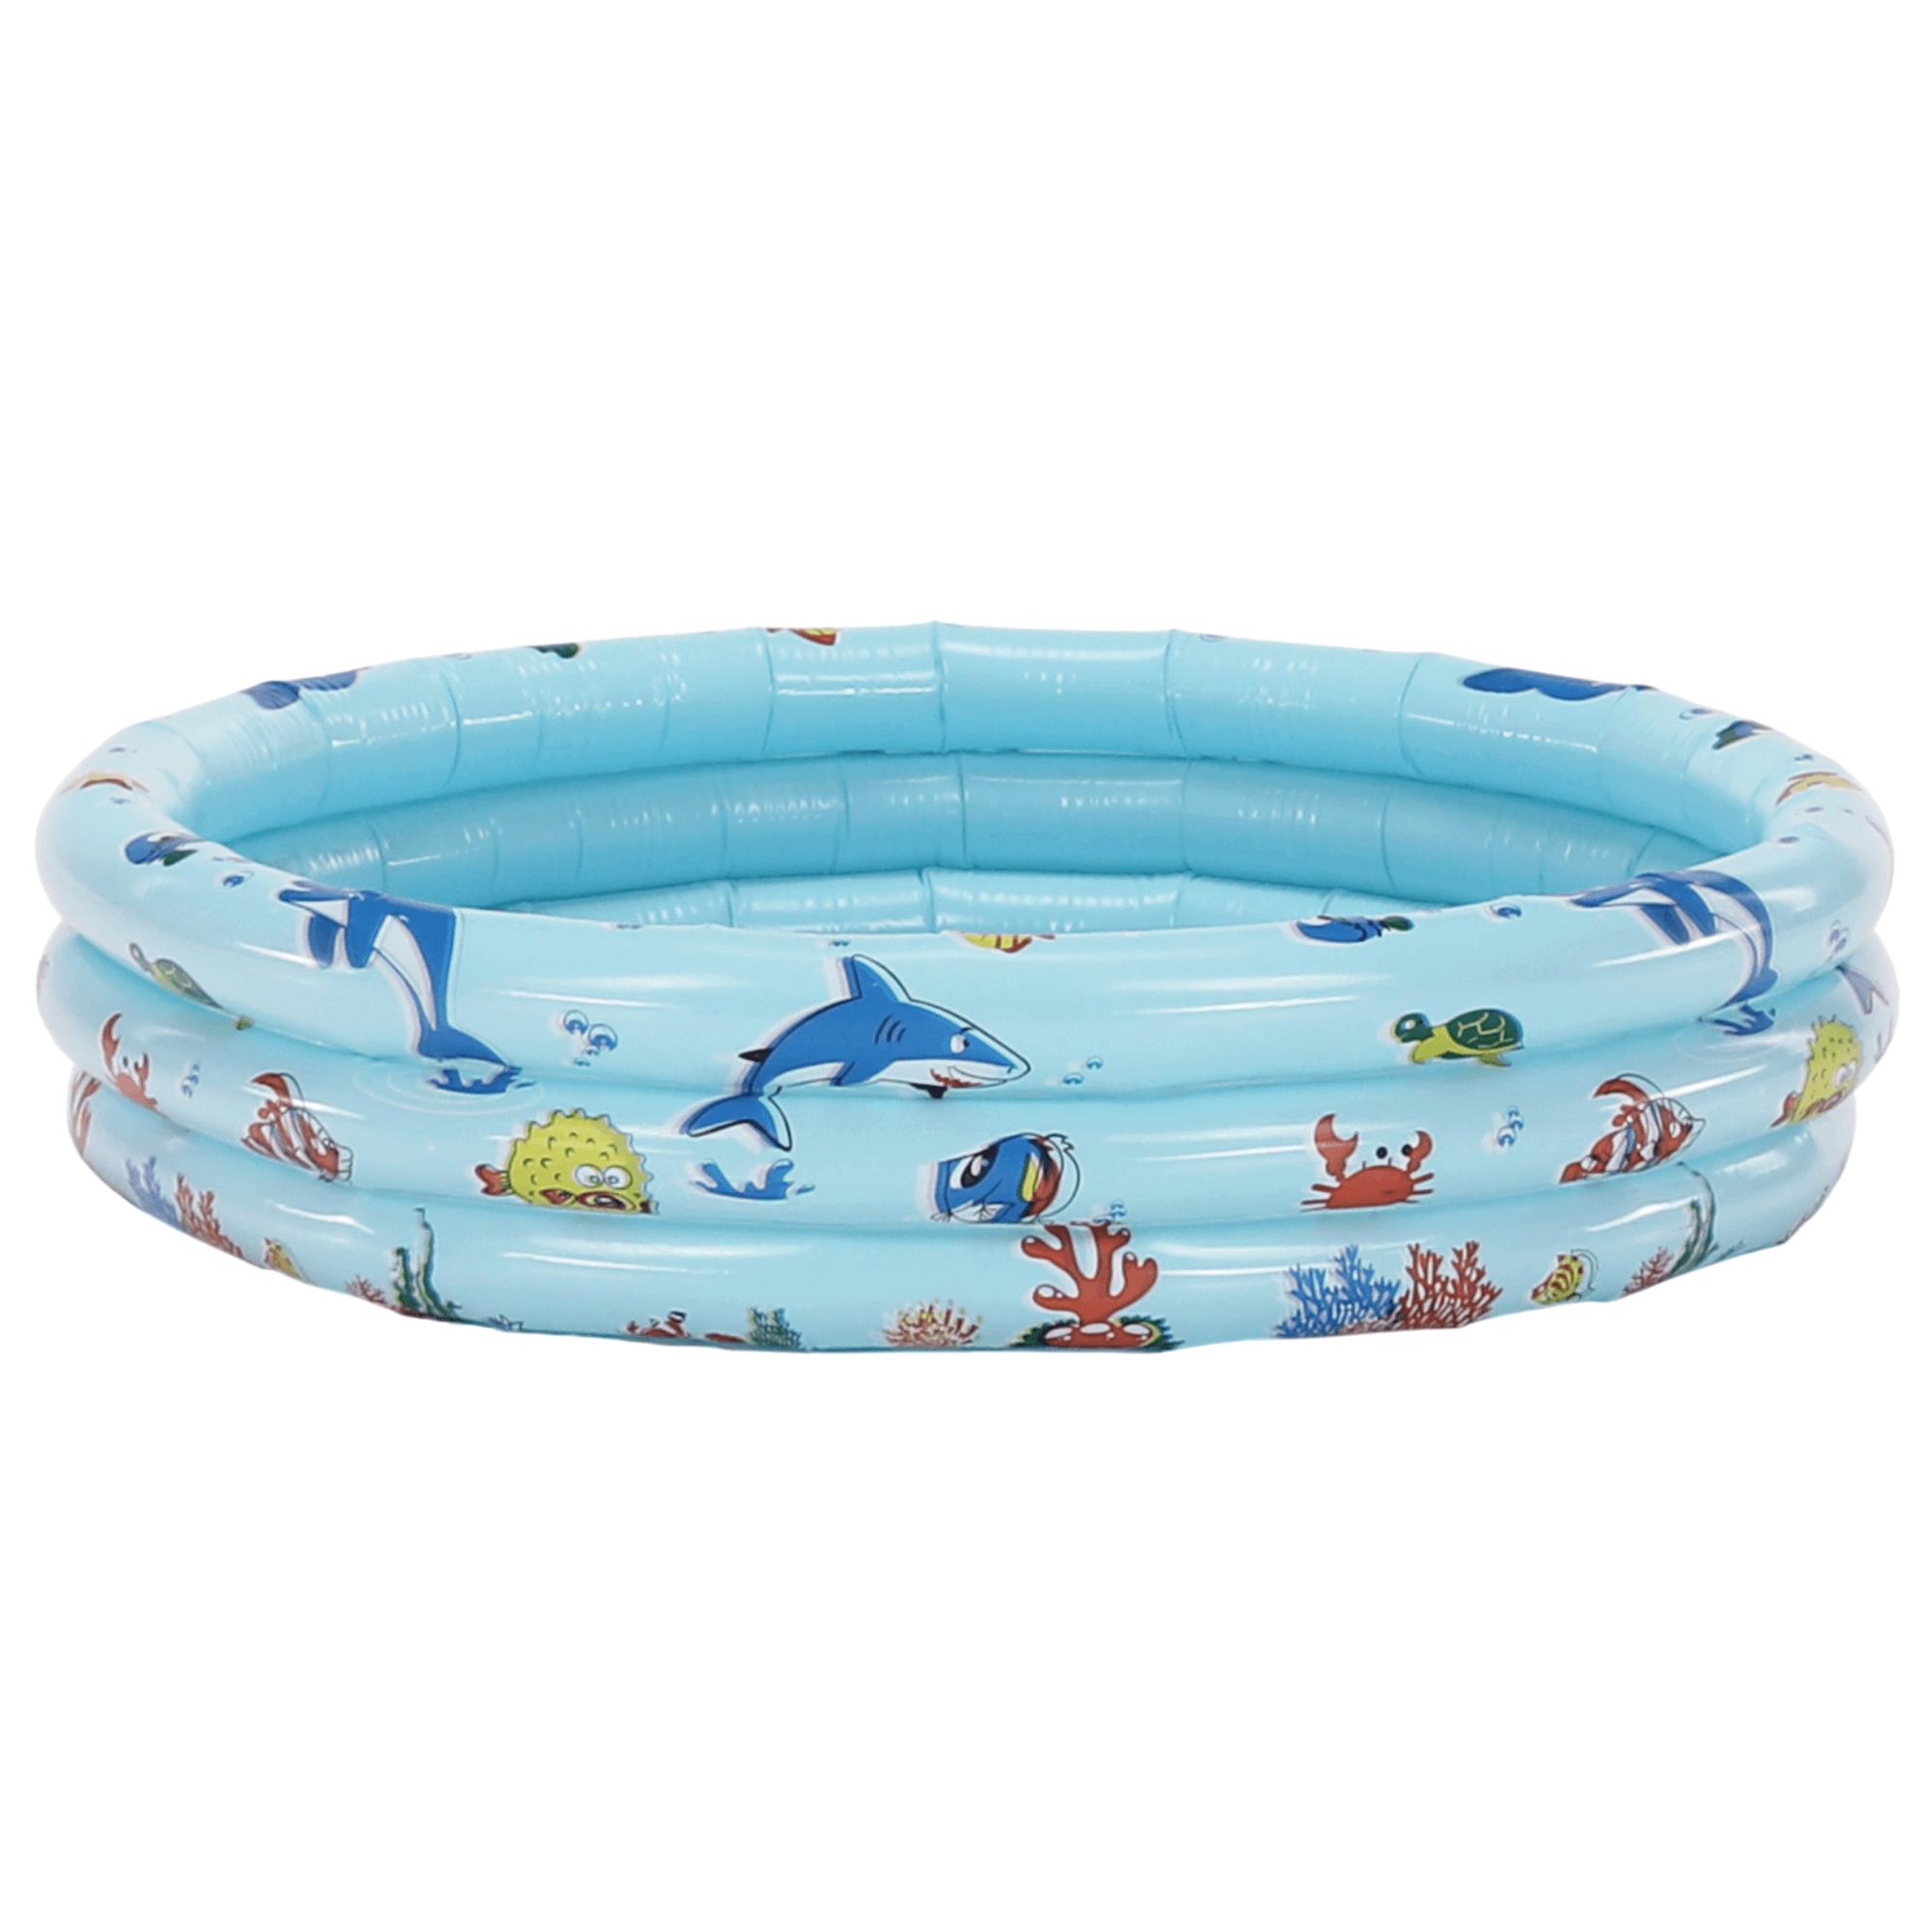 Bazin gonflabil pentru copii, albastru / model, LOME